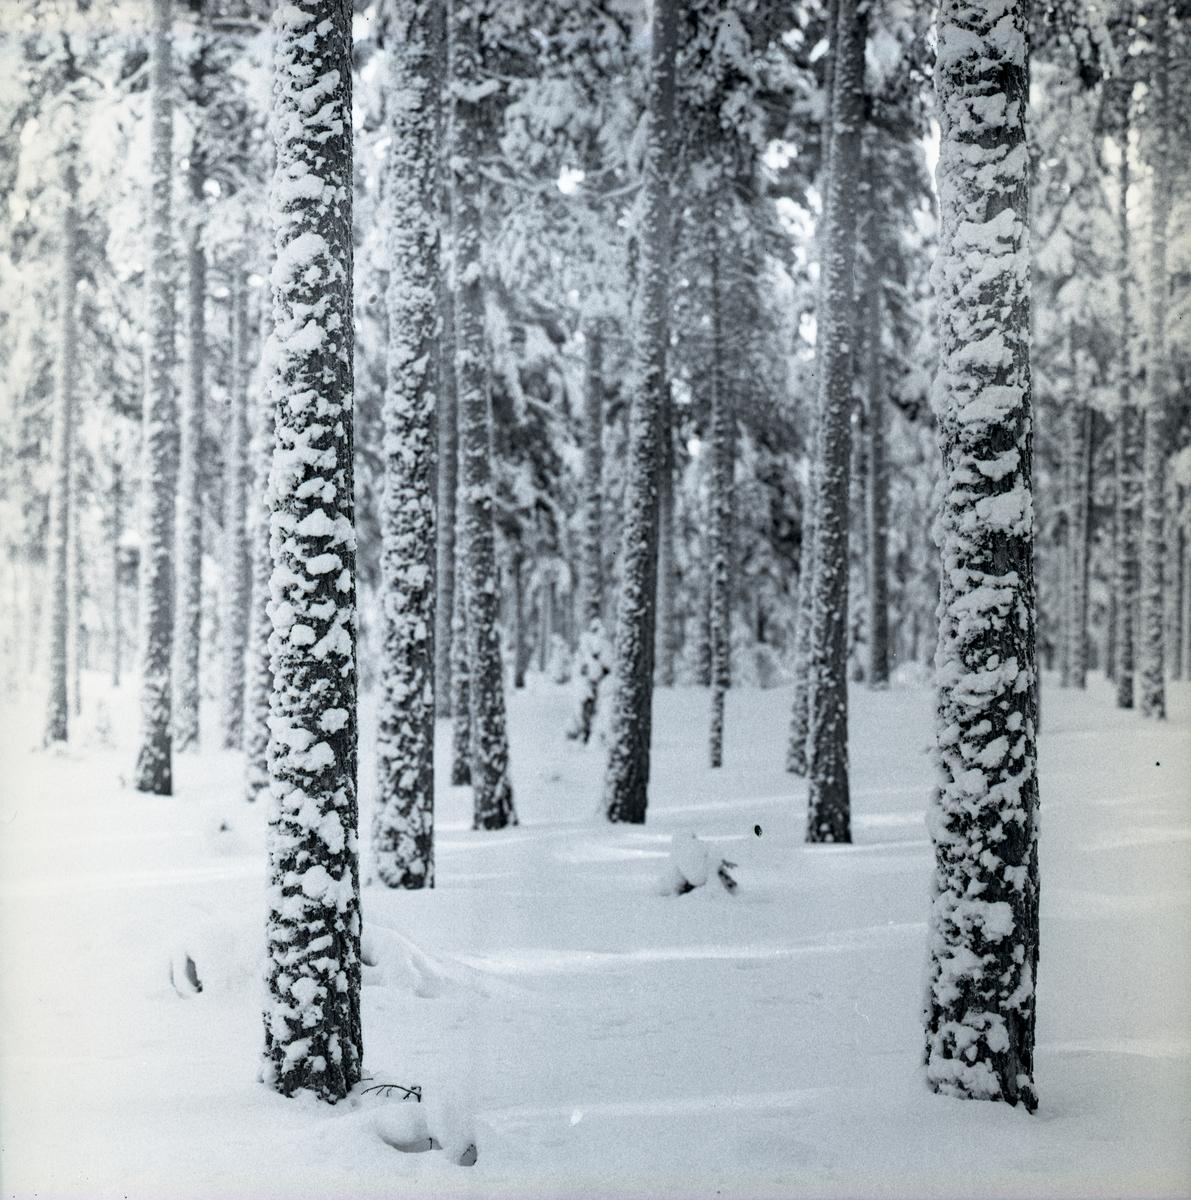 Skog på heden, med snö på marken och trädstammarna i januari 1961.